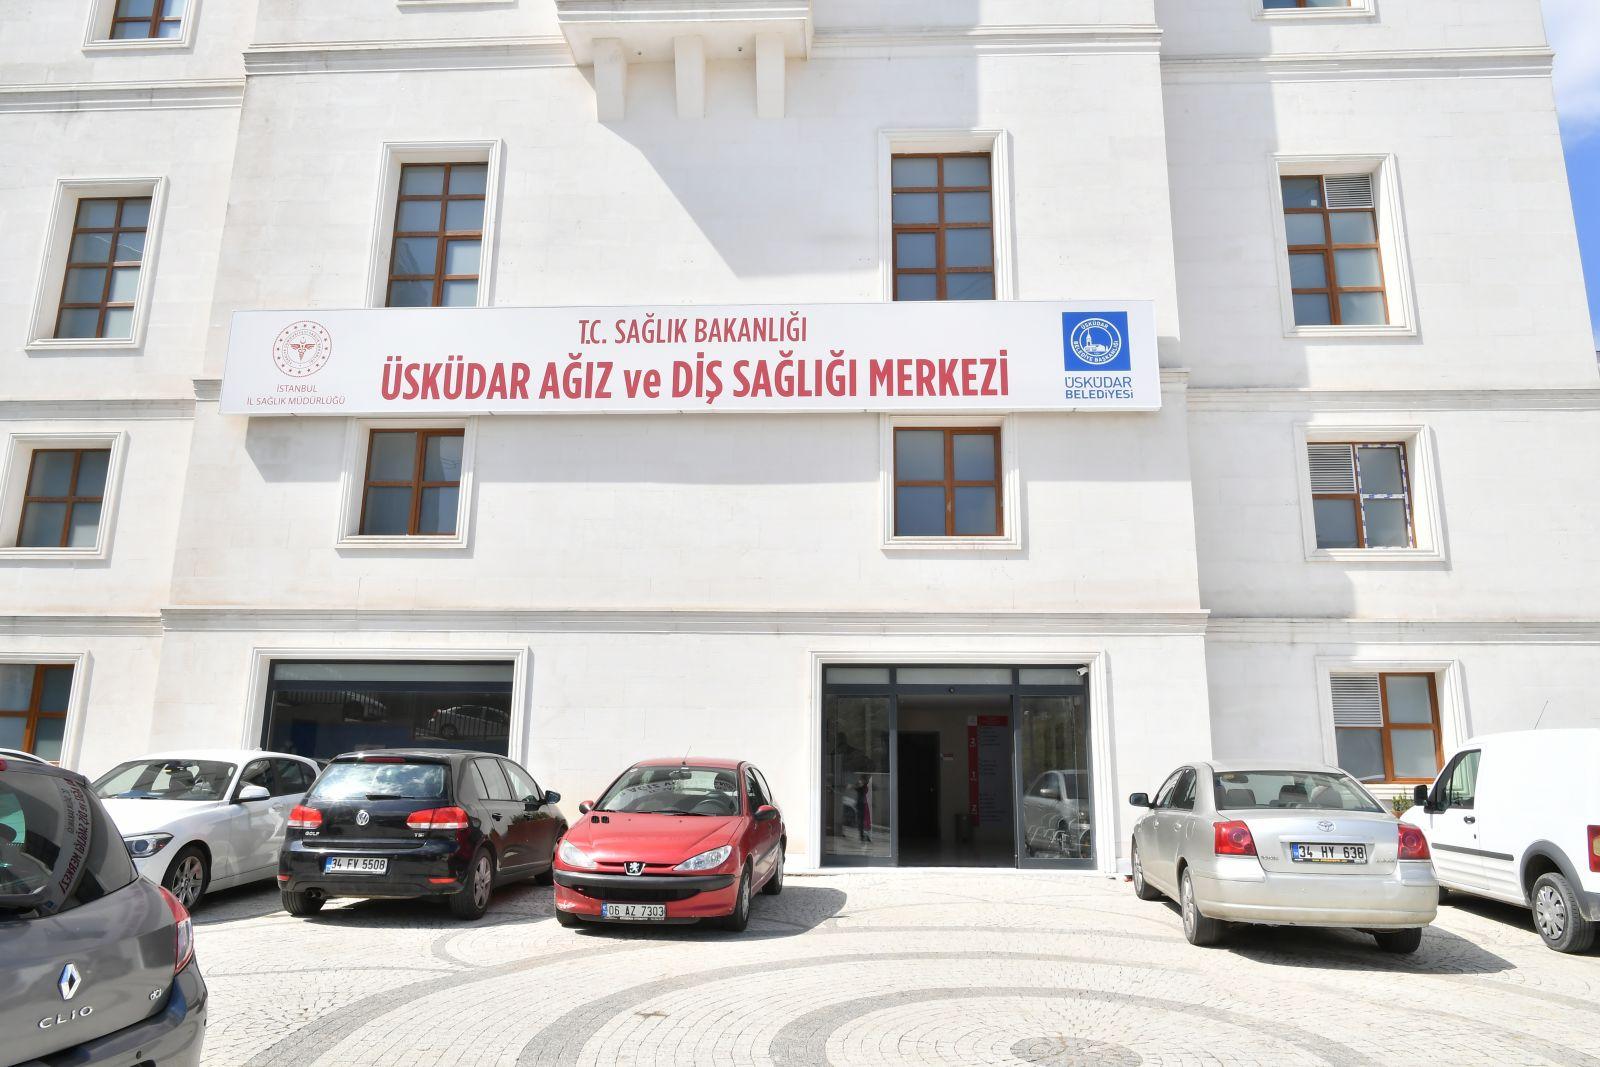 Yavuz Selim Agiz Ve Dis Sagligi Merkezi